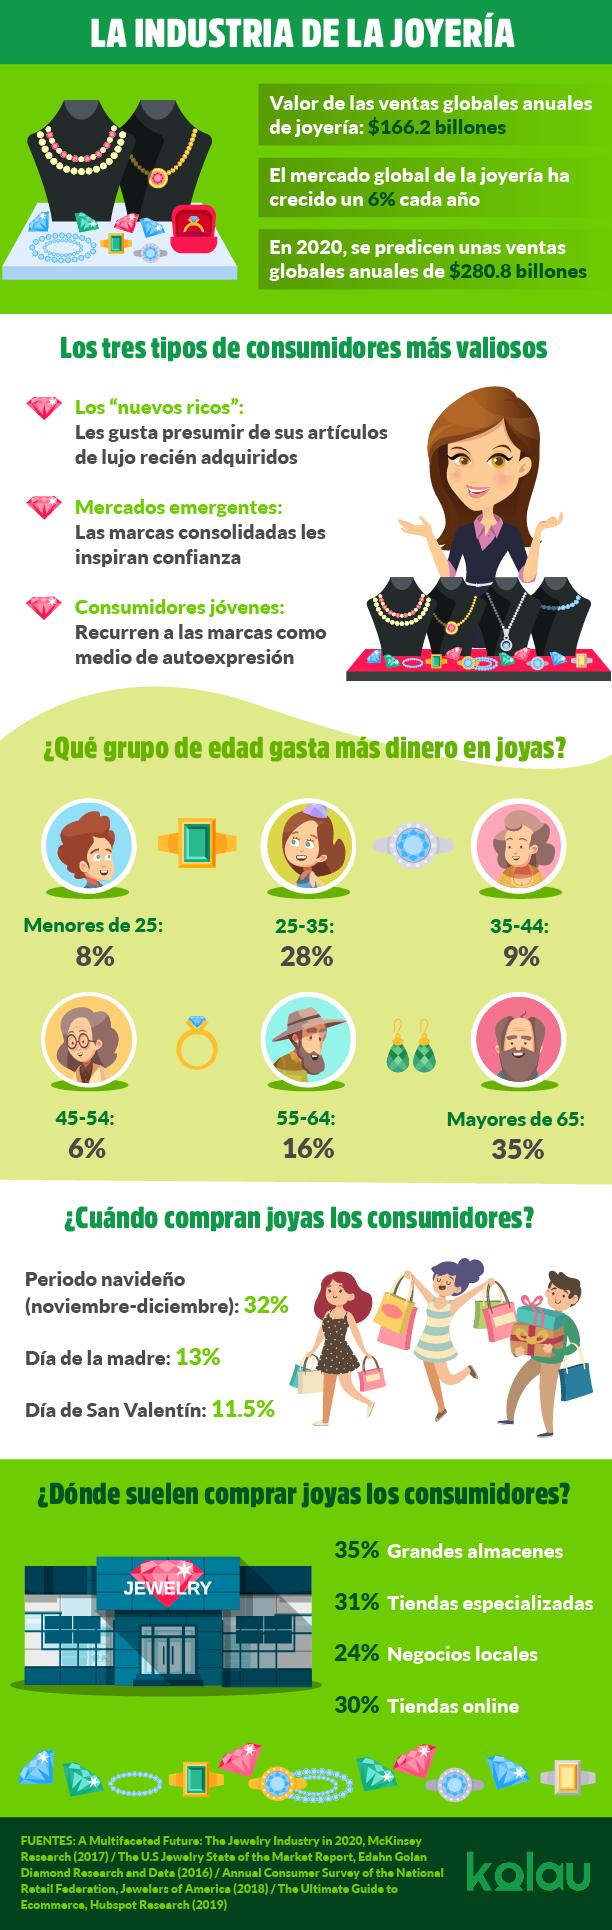 Infografía sobre marketing para joyerías.